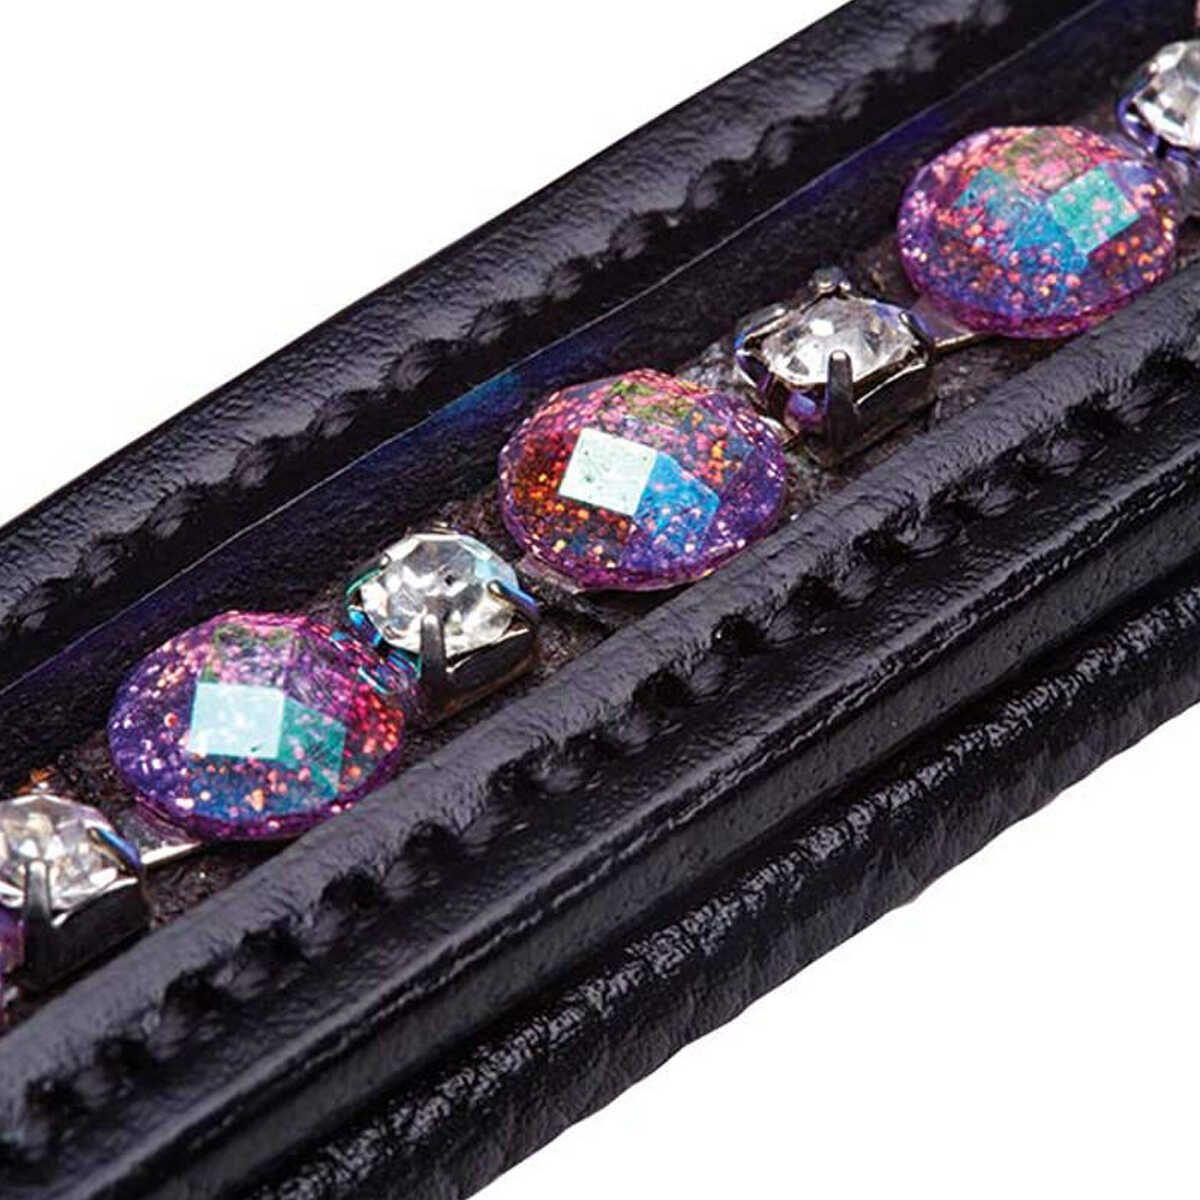 Cottage Craft Crystal Browband